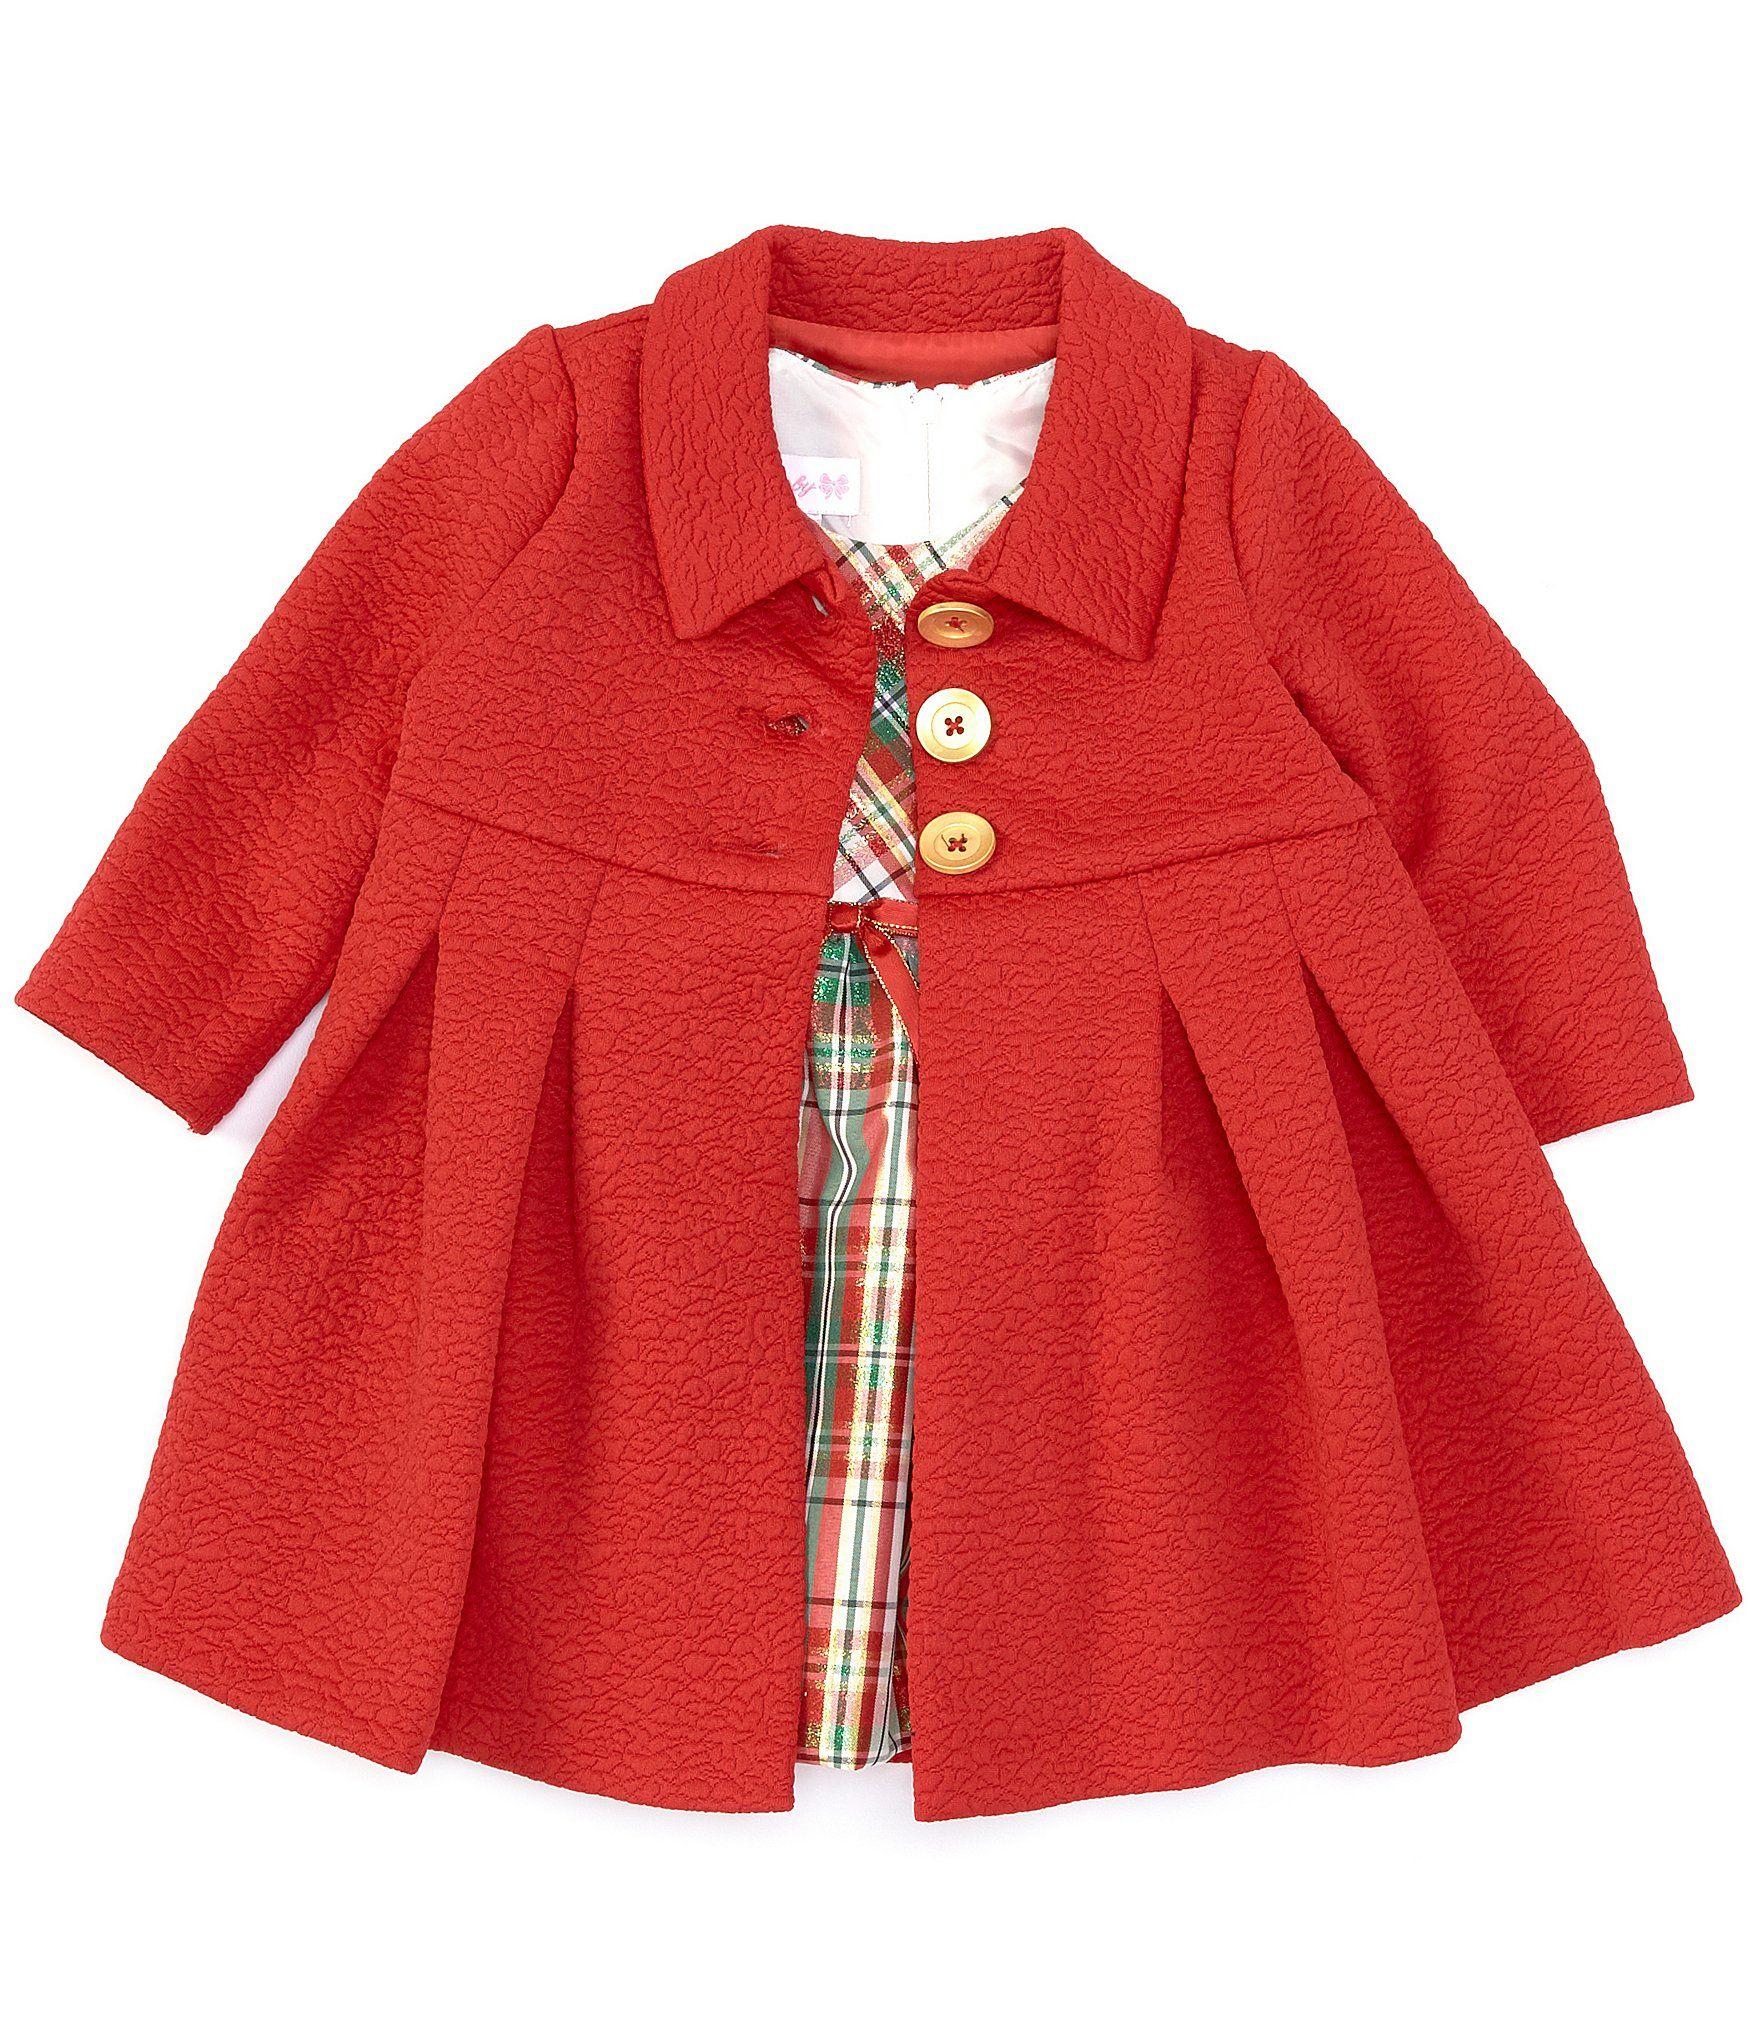 Photo of Bonnie Jean Baby Girls Newborn-24 Months Textured-Knit Coat & Plaid Taffeta Fit-And-Flare Dress Set | Dillard's